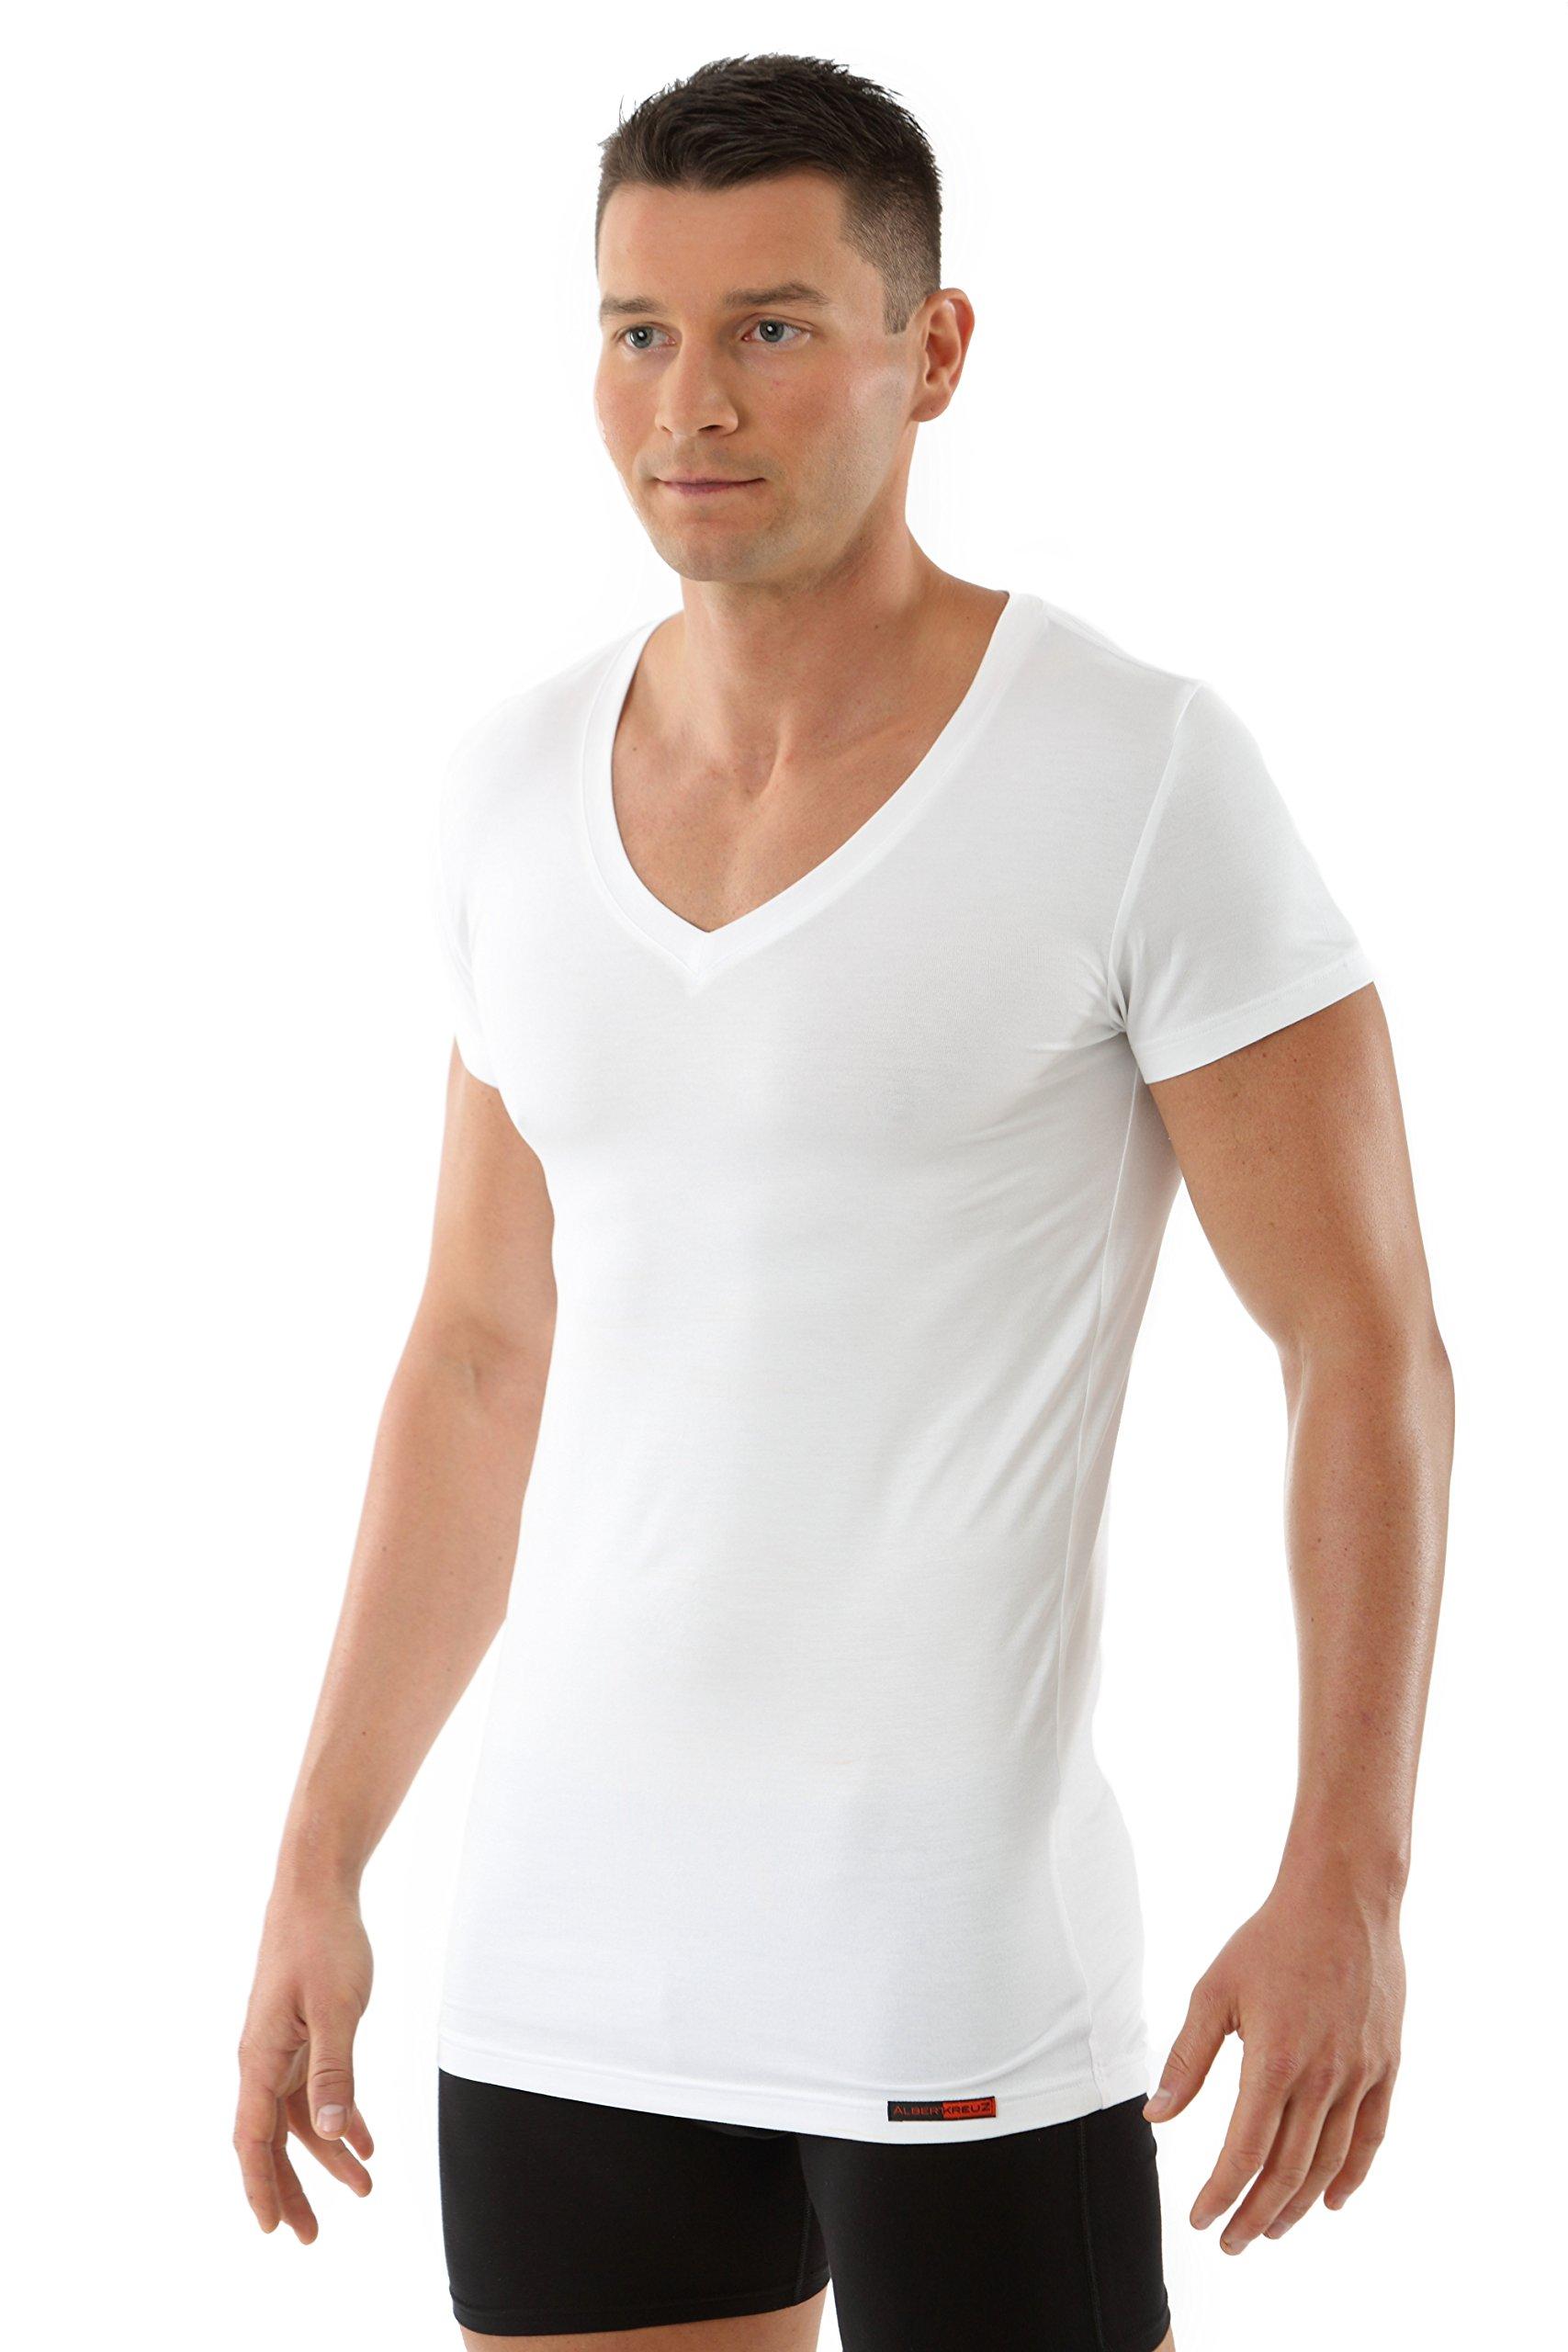 ALBERT KREUZ men's V-neck business undershirt with short sleeves of breathable Micromodal white M